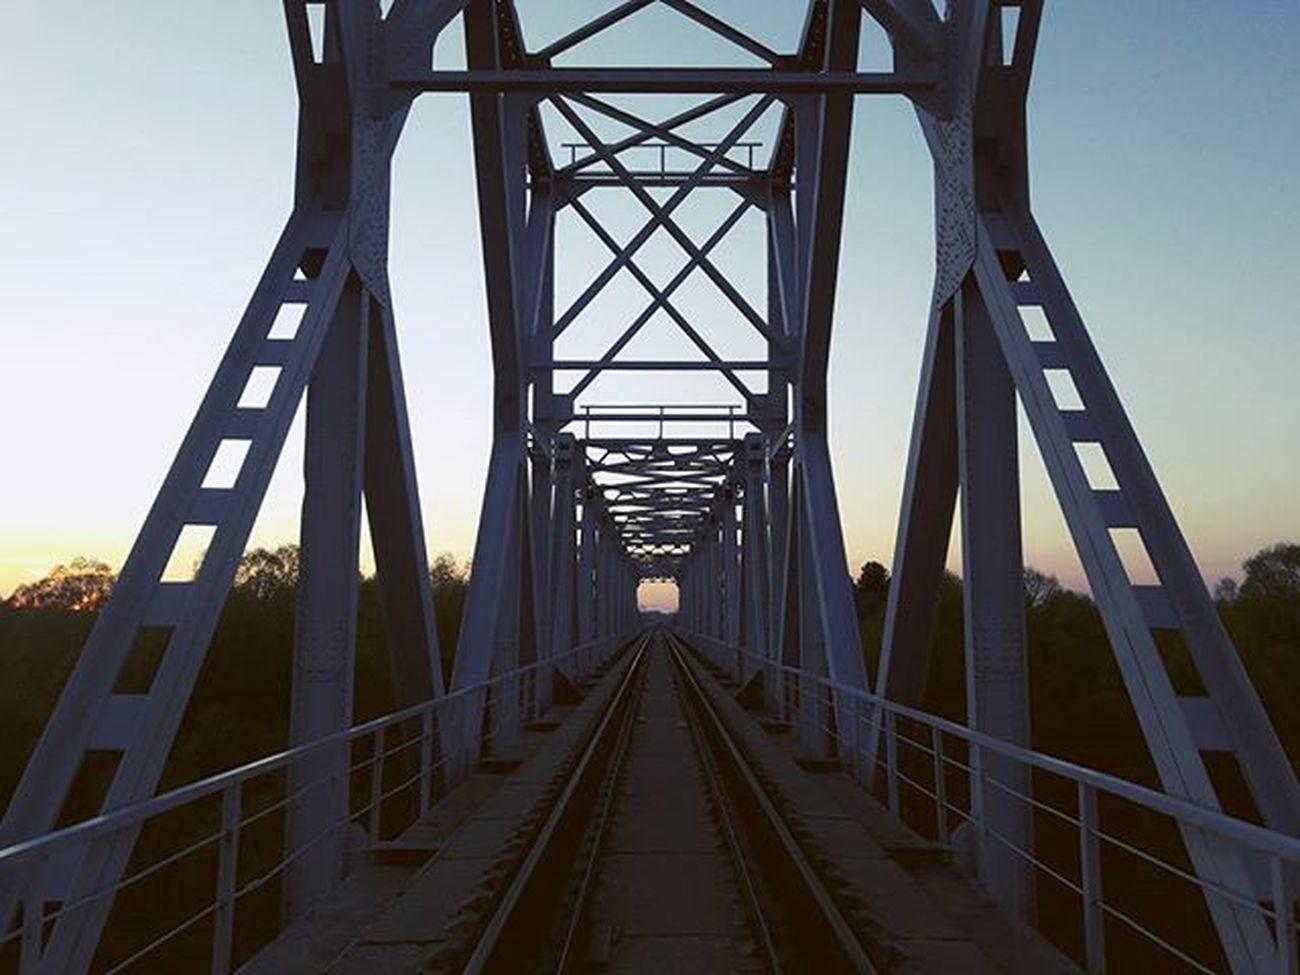 Хз как, но вышло неплохое фото) Гомель мост сож вечер